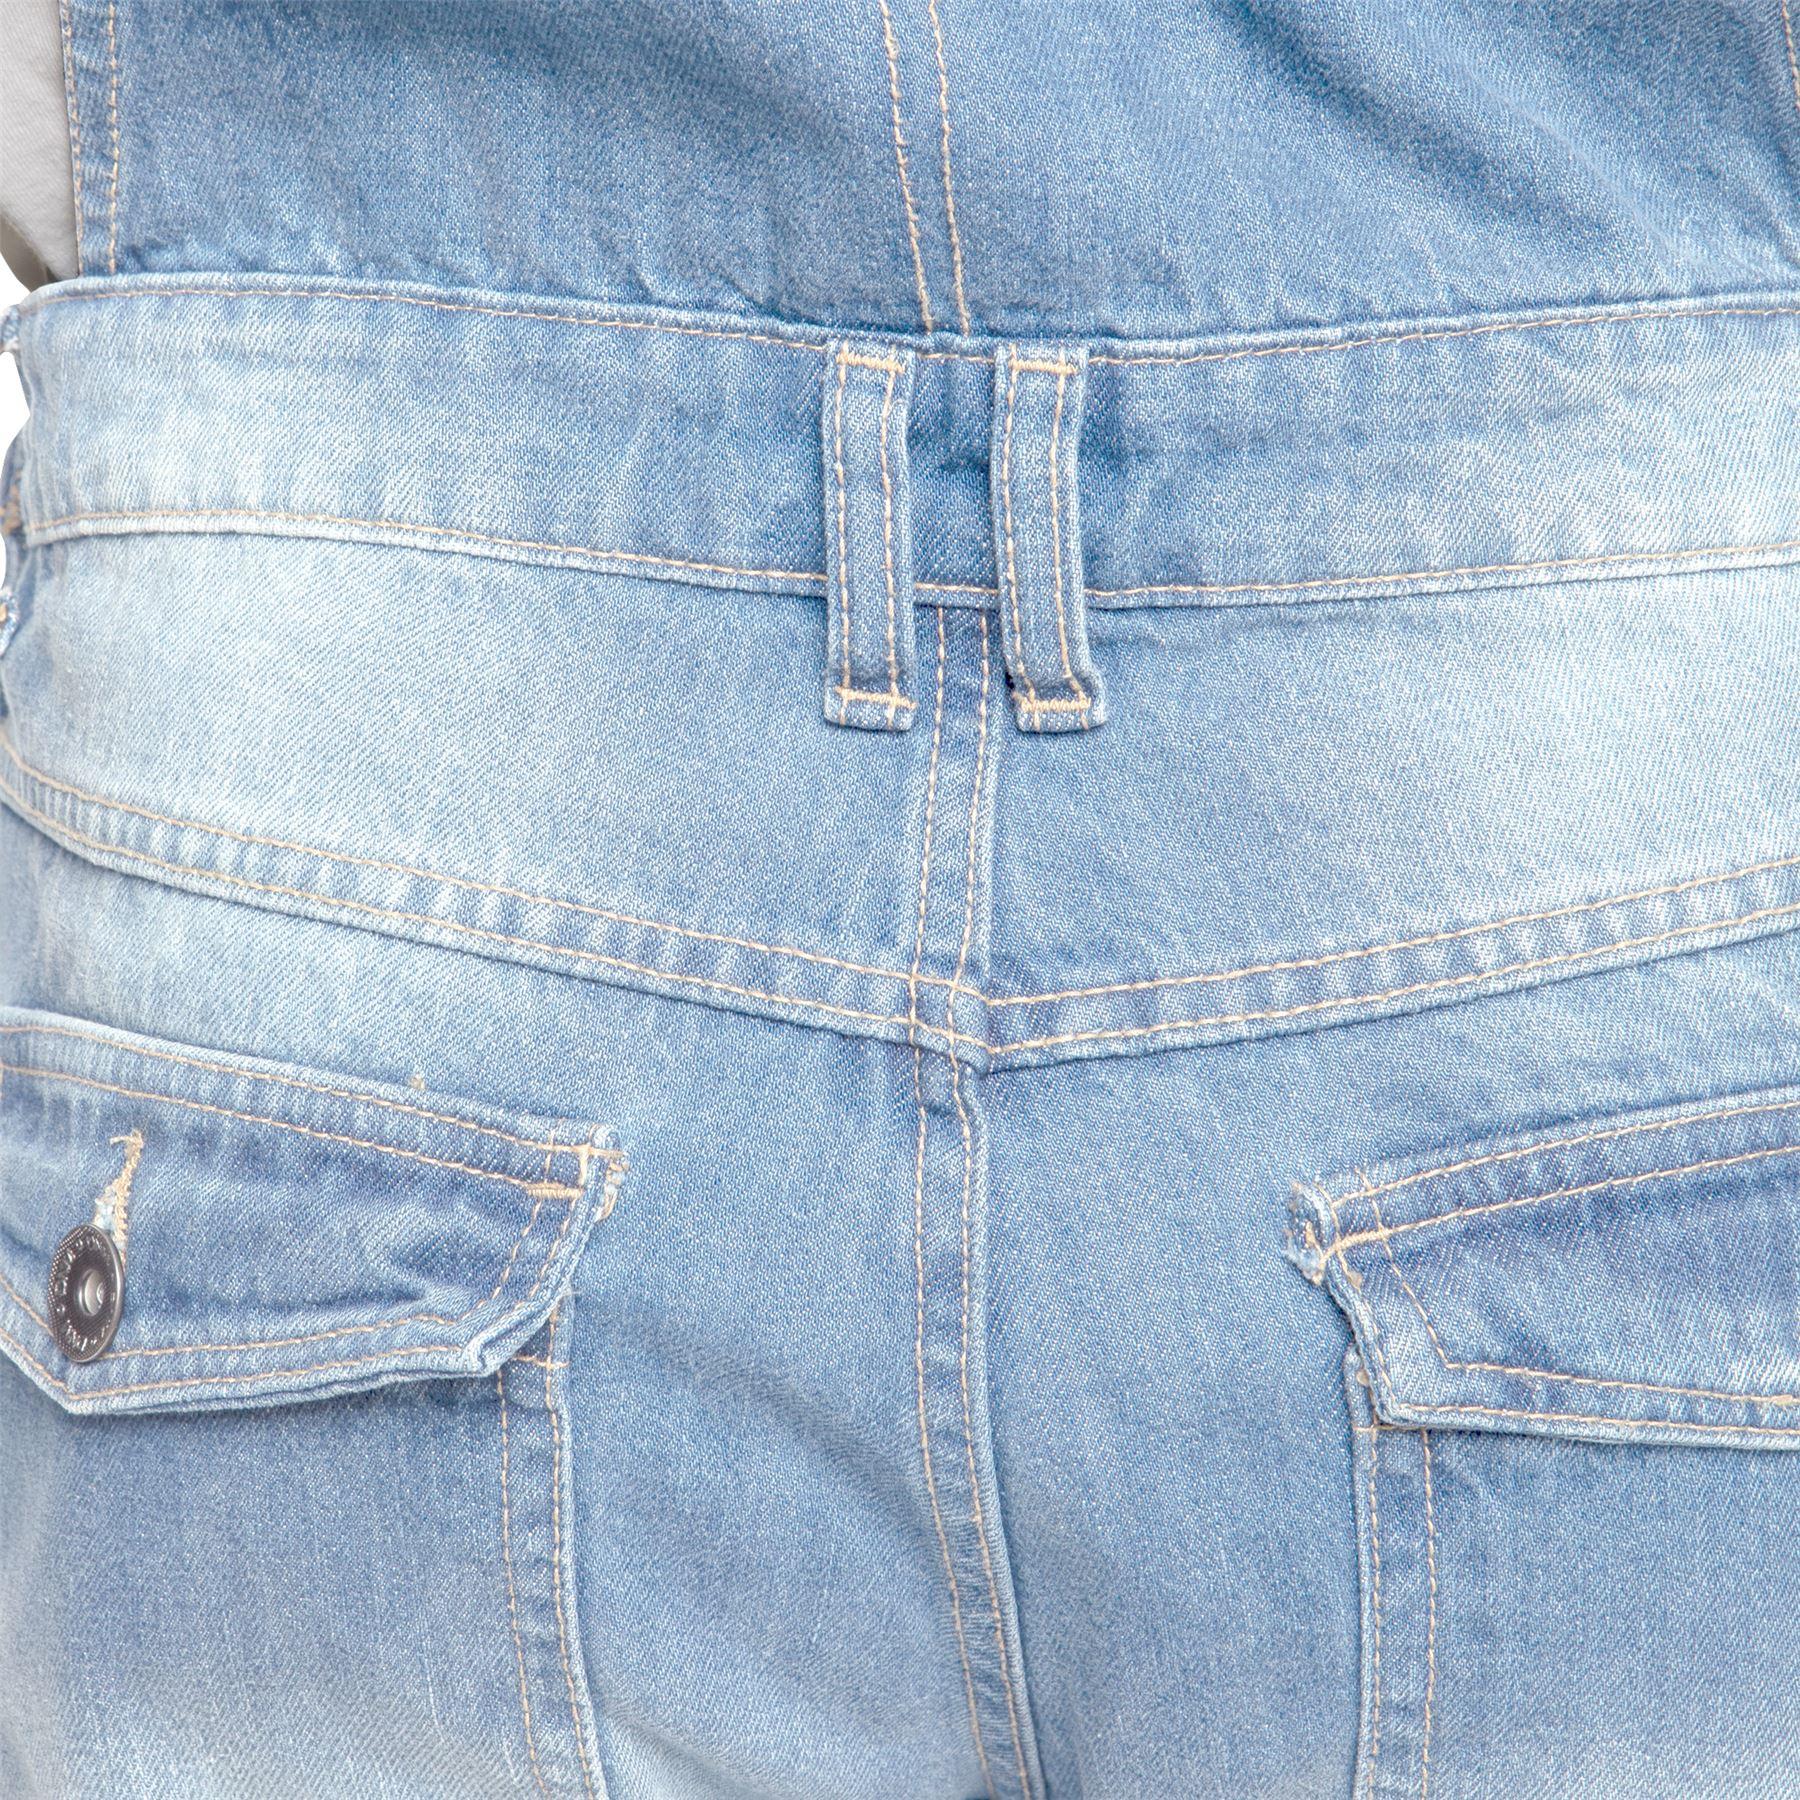 ENZO-Jeans-Hombre-Denim-Azul-Peto-Peto-overoles-Todas-Cinturas-Talla-30-034-50-034 miniatura 14